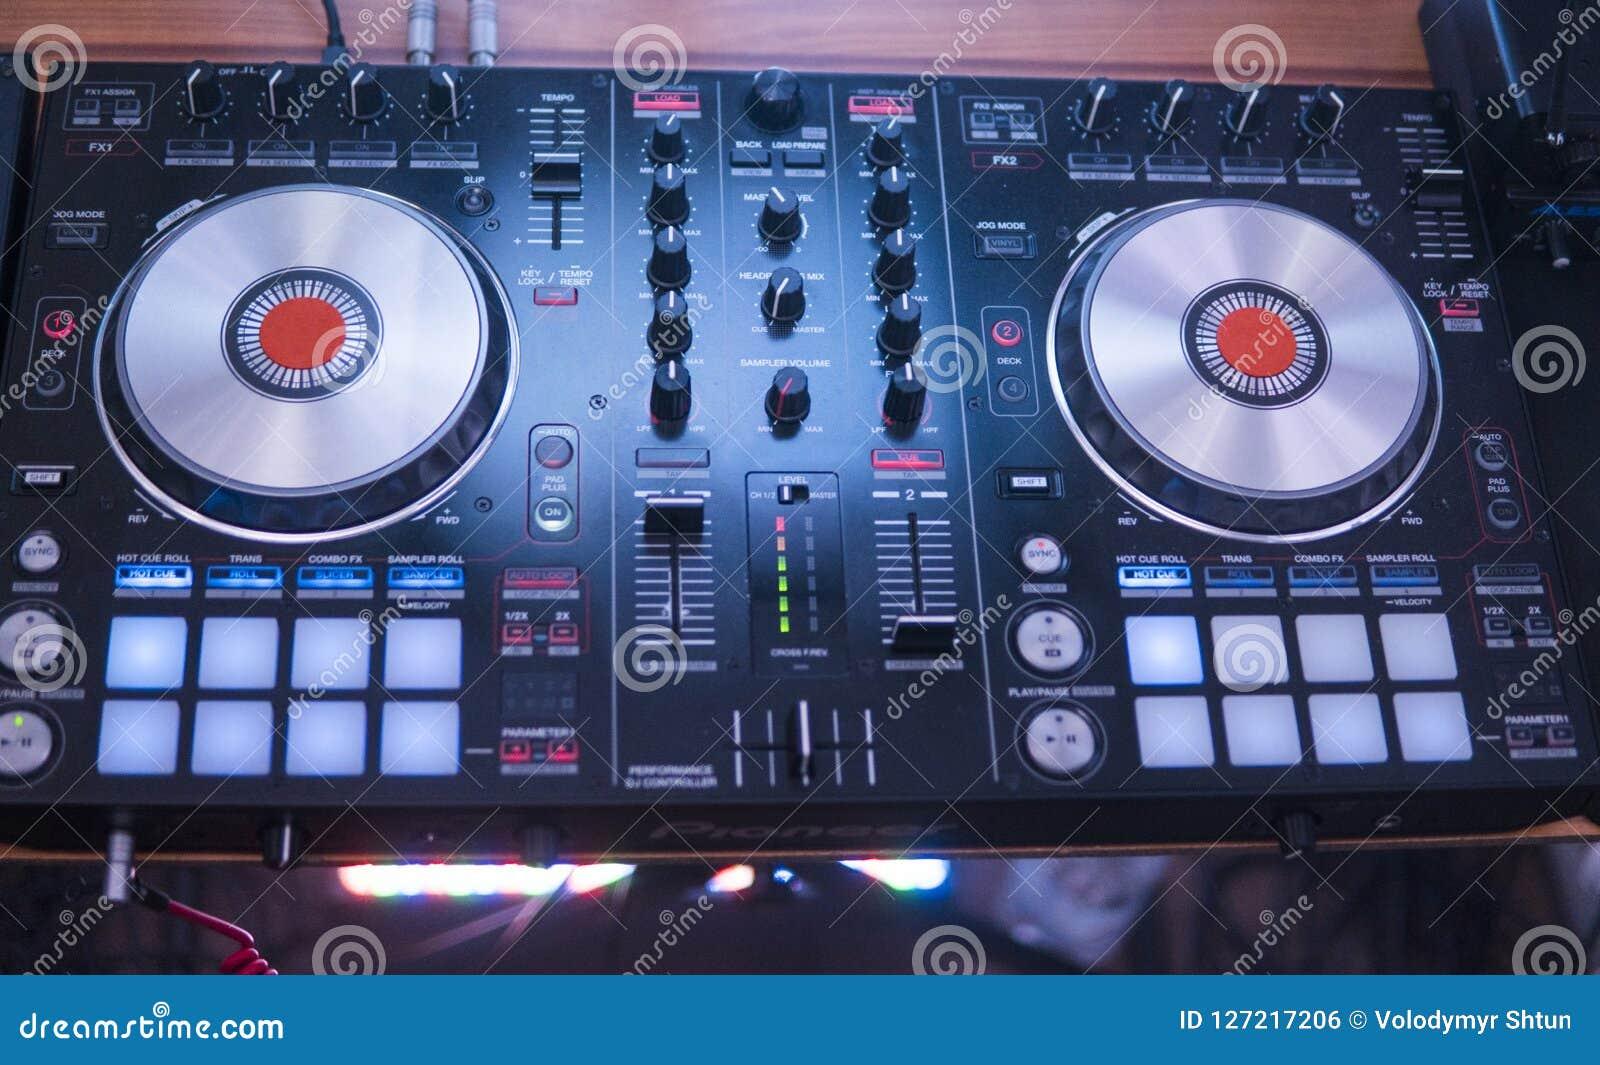 DJ sztuki i mieszanki muzyka na cyfrowym melanżeru kontrolerze Zakończenia DJ występu kontroler, cyfrowy Midi turntable system